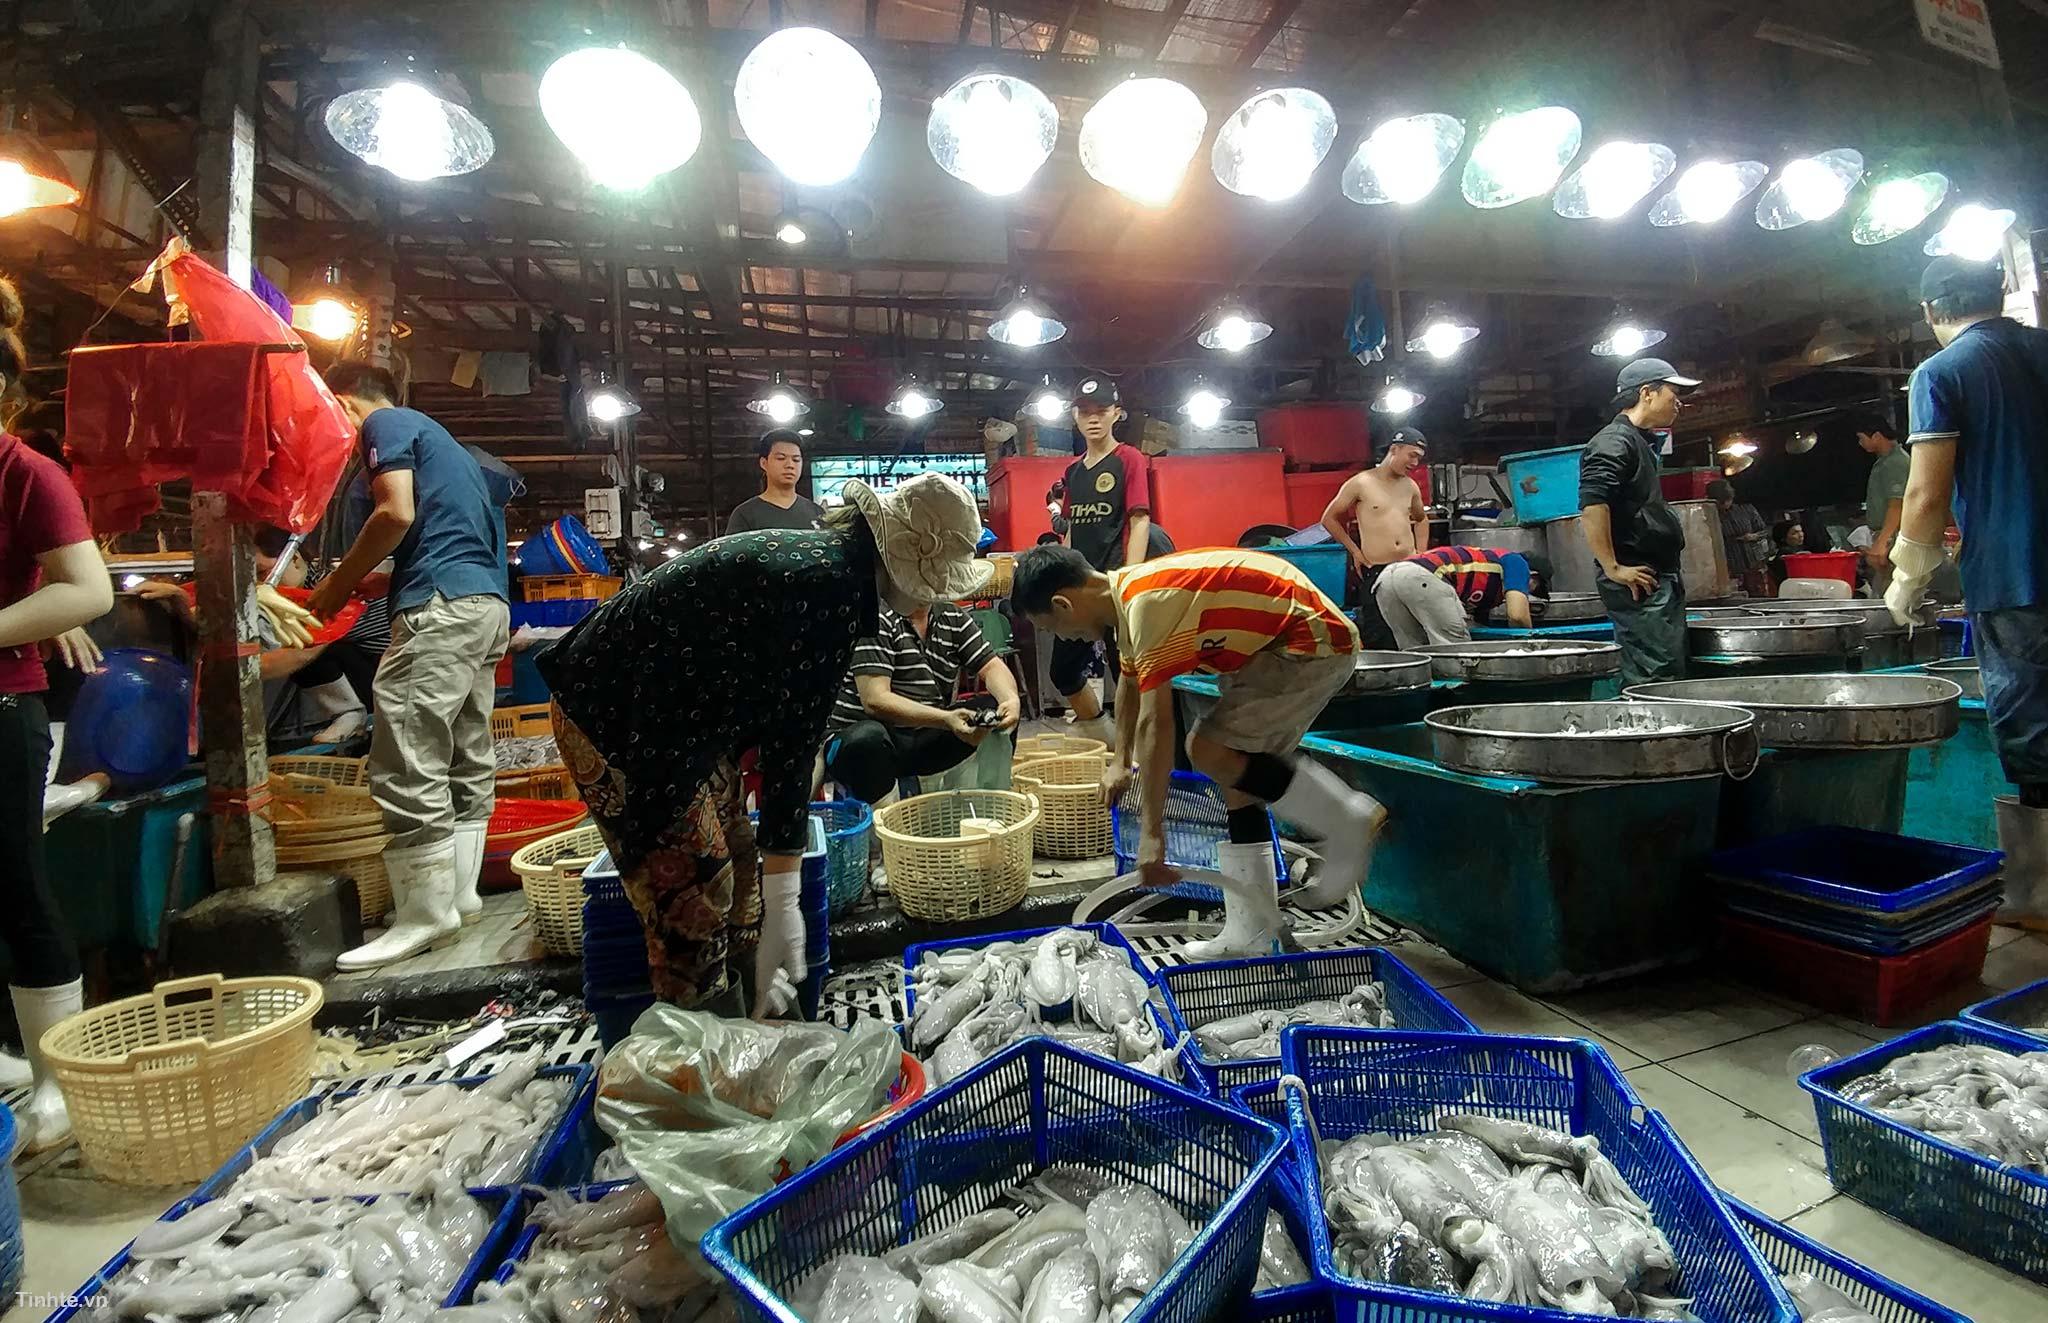 Khám phá những khu chợ đầu mối lớn nhất Việt Nam - Ảnh 5.